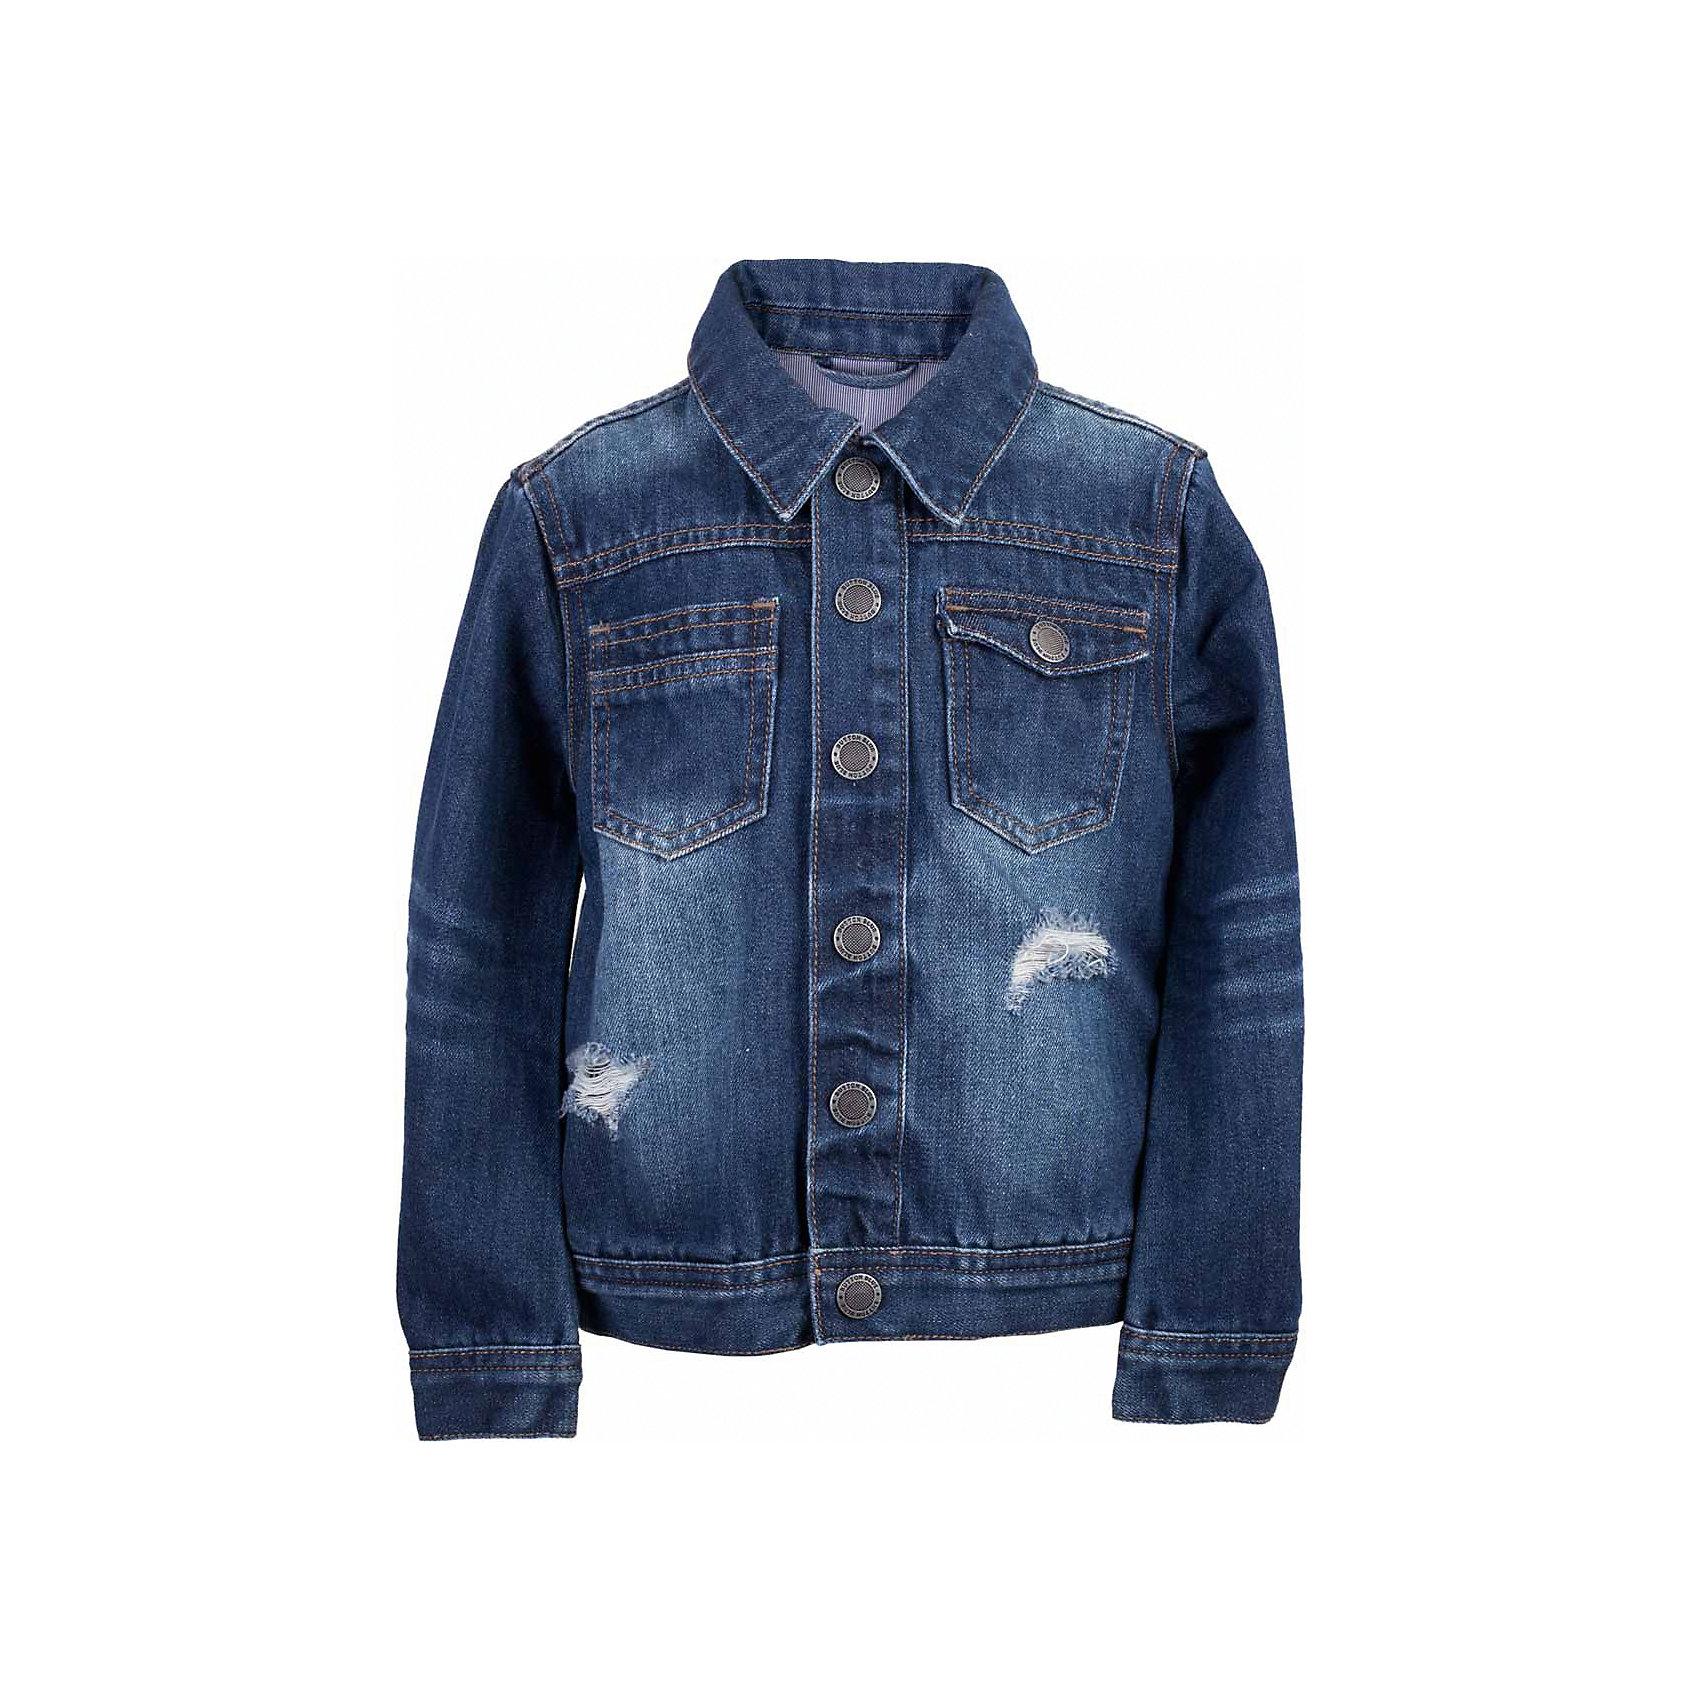 Куртка джинсовая для мальчика  BUTTON BLUEВерхняя одежда<br>Куртка джинсовая для мальчика  BUTTON BLUE<br>Джинсовая куртка для мальчика - базовая вещь весеннего-летнего гардероба! Она отлично сочетается с брюками, шортами, бриджами, делая комплект интересным и завершенным. Вы хотите, чтобы ваш ребенок был в тренде? Вы предпочитаете купить джинсовую куртку недорого, но не сомневаться в ее качестве и комфорте? Тогда джинсовая куртка от Button Blue с модными потертостями, заминами, варкой - лучший вариант!<br>Состав:<br>100%  хлопок<br><br>Ширина мм: 356<br>Глубина мм: 10<br>Высота мм: 245<br>Вес г: 519<br>Цвет: синий<br>Возраст от месяцев: 144<br>Возраст до месяцев: 156<br>Пол: Мужской<br>Возраст: Детский<br>Размер: 158,98,104,110,116,122,128,134,140,146,152<br>SKU: 5524521